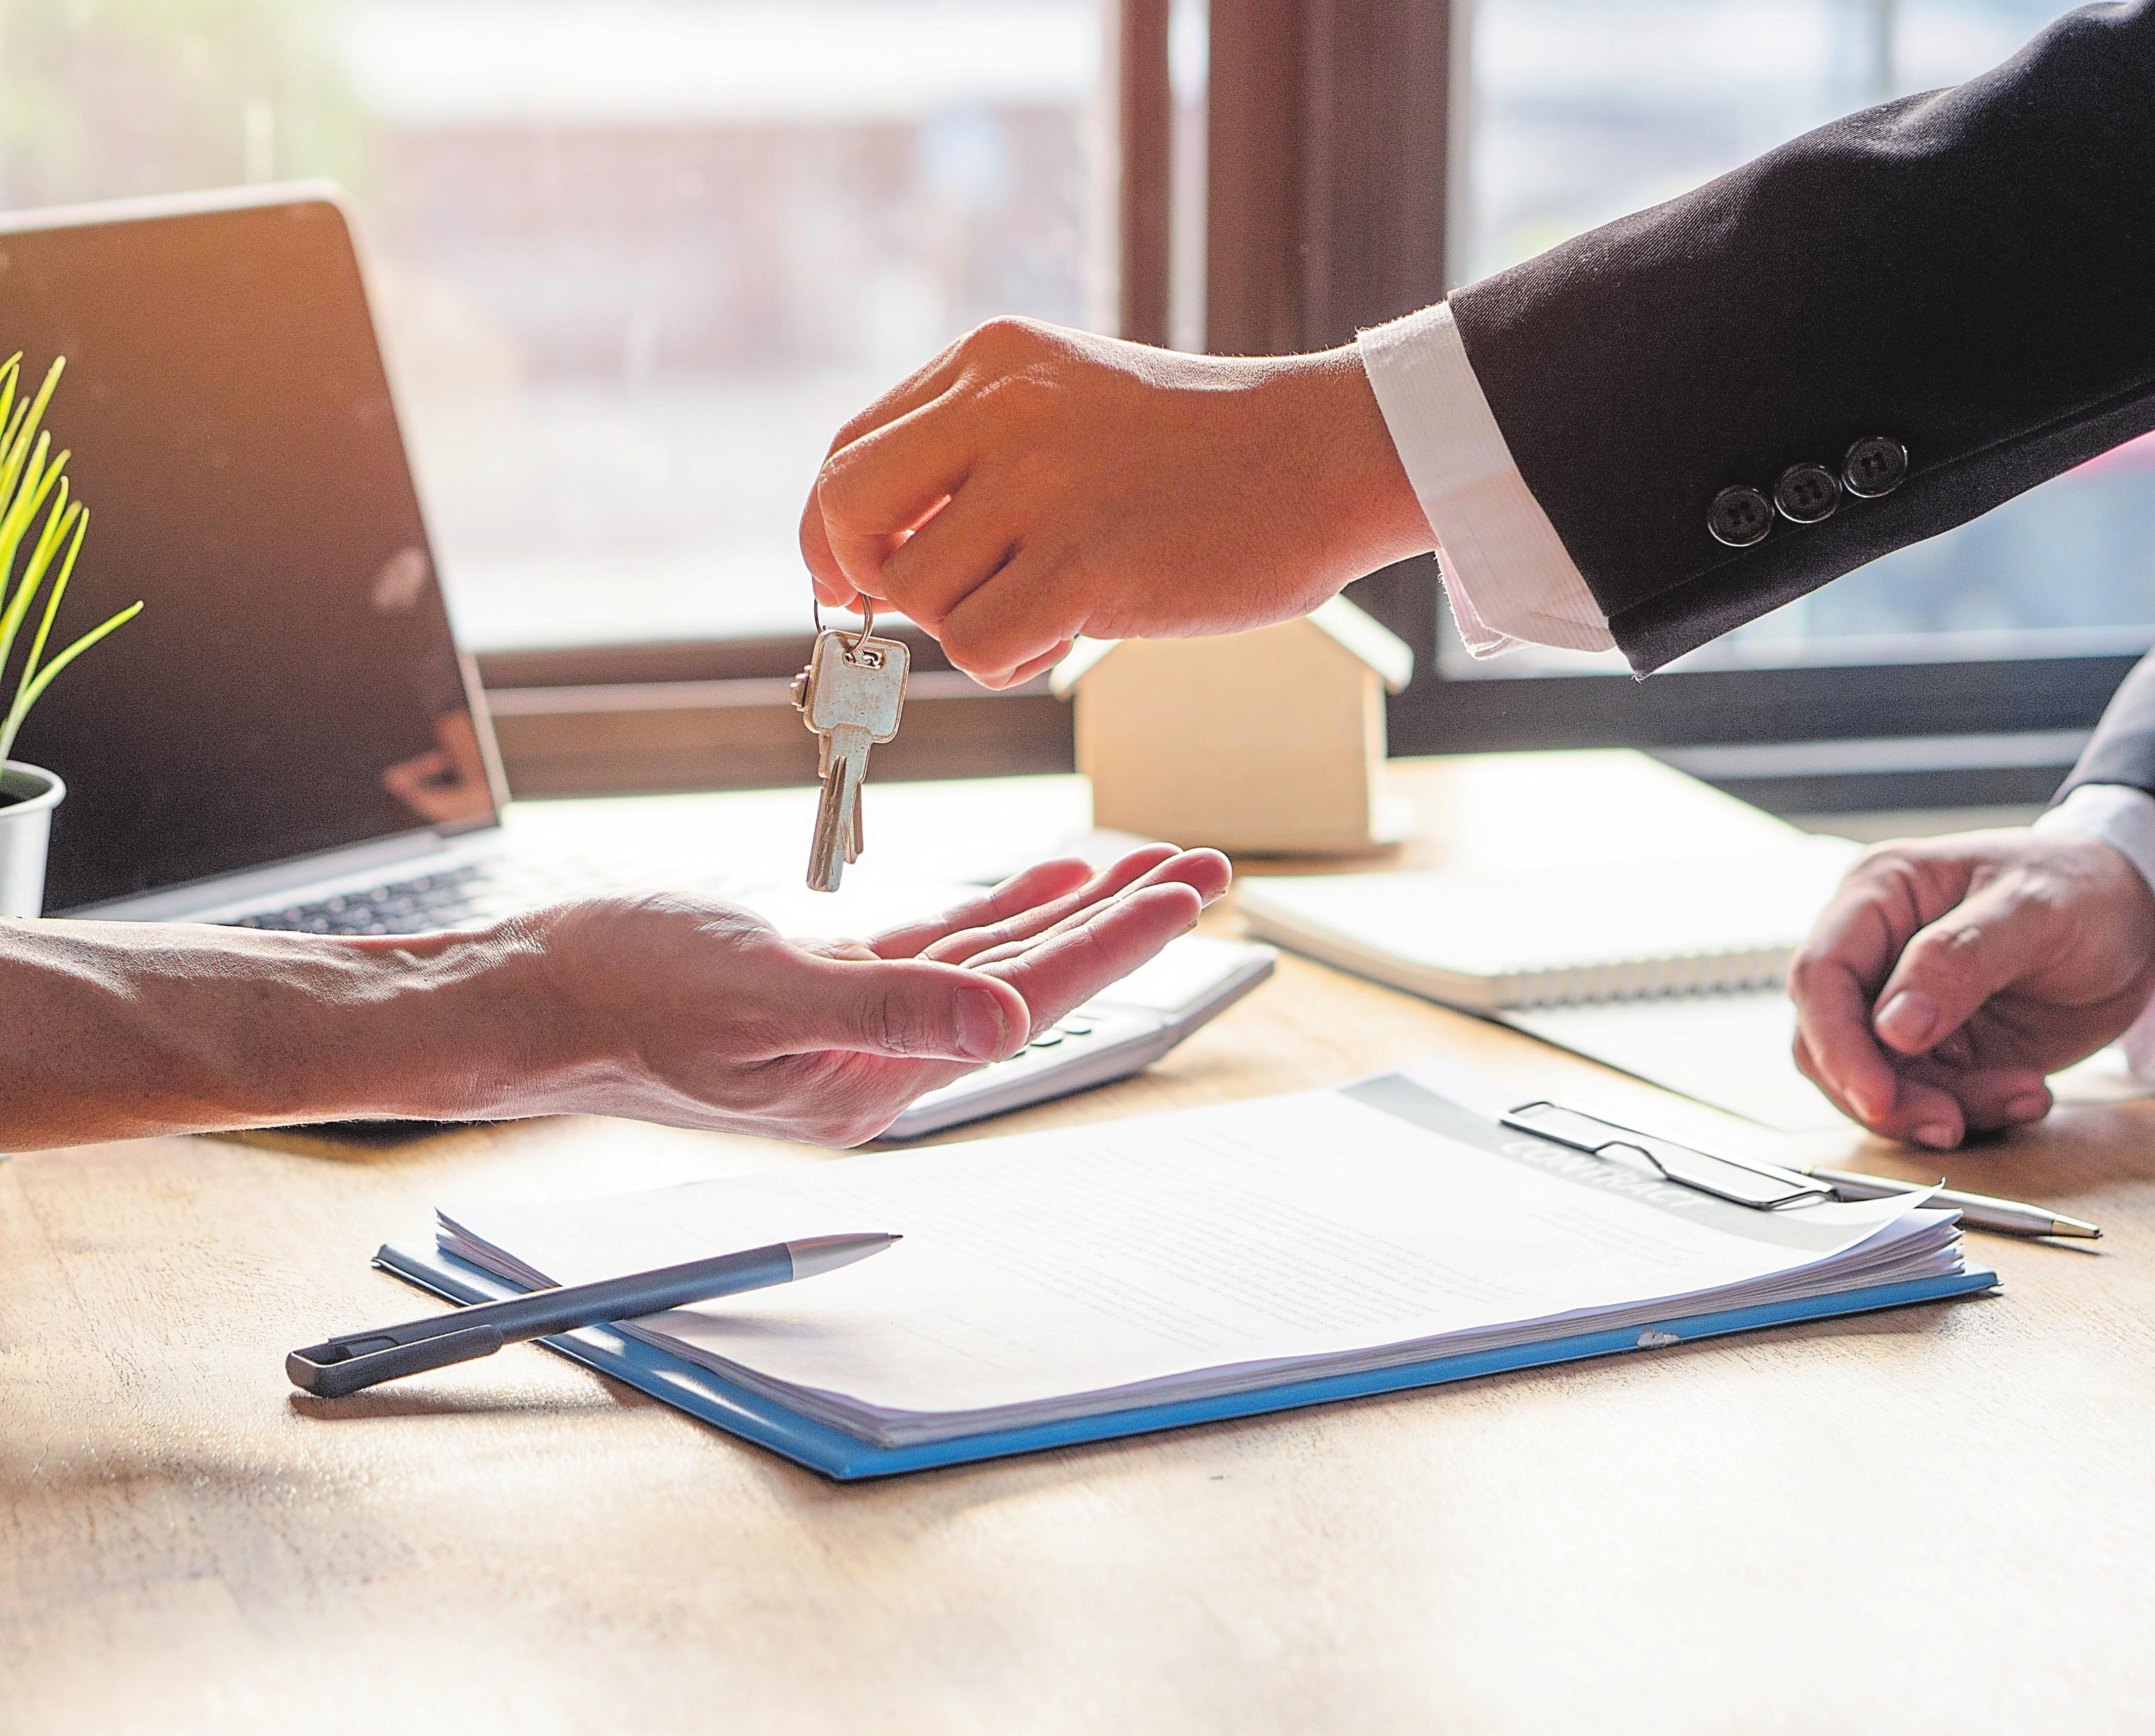 En cas urgent, les documents peuvent être remis à bonne distance. Pour remettre les clés, on doit cependant se rapprocher de la personne...